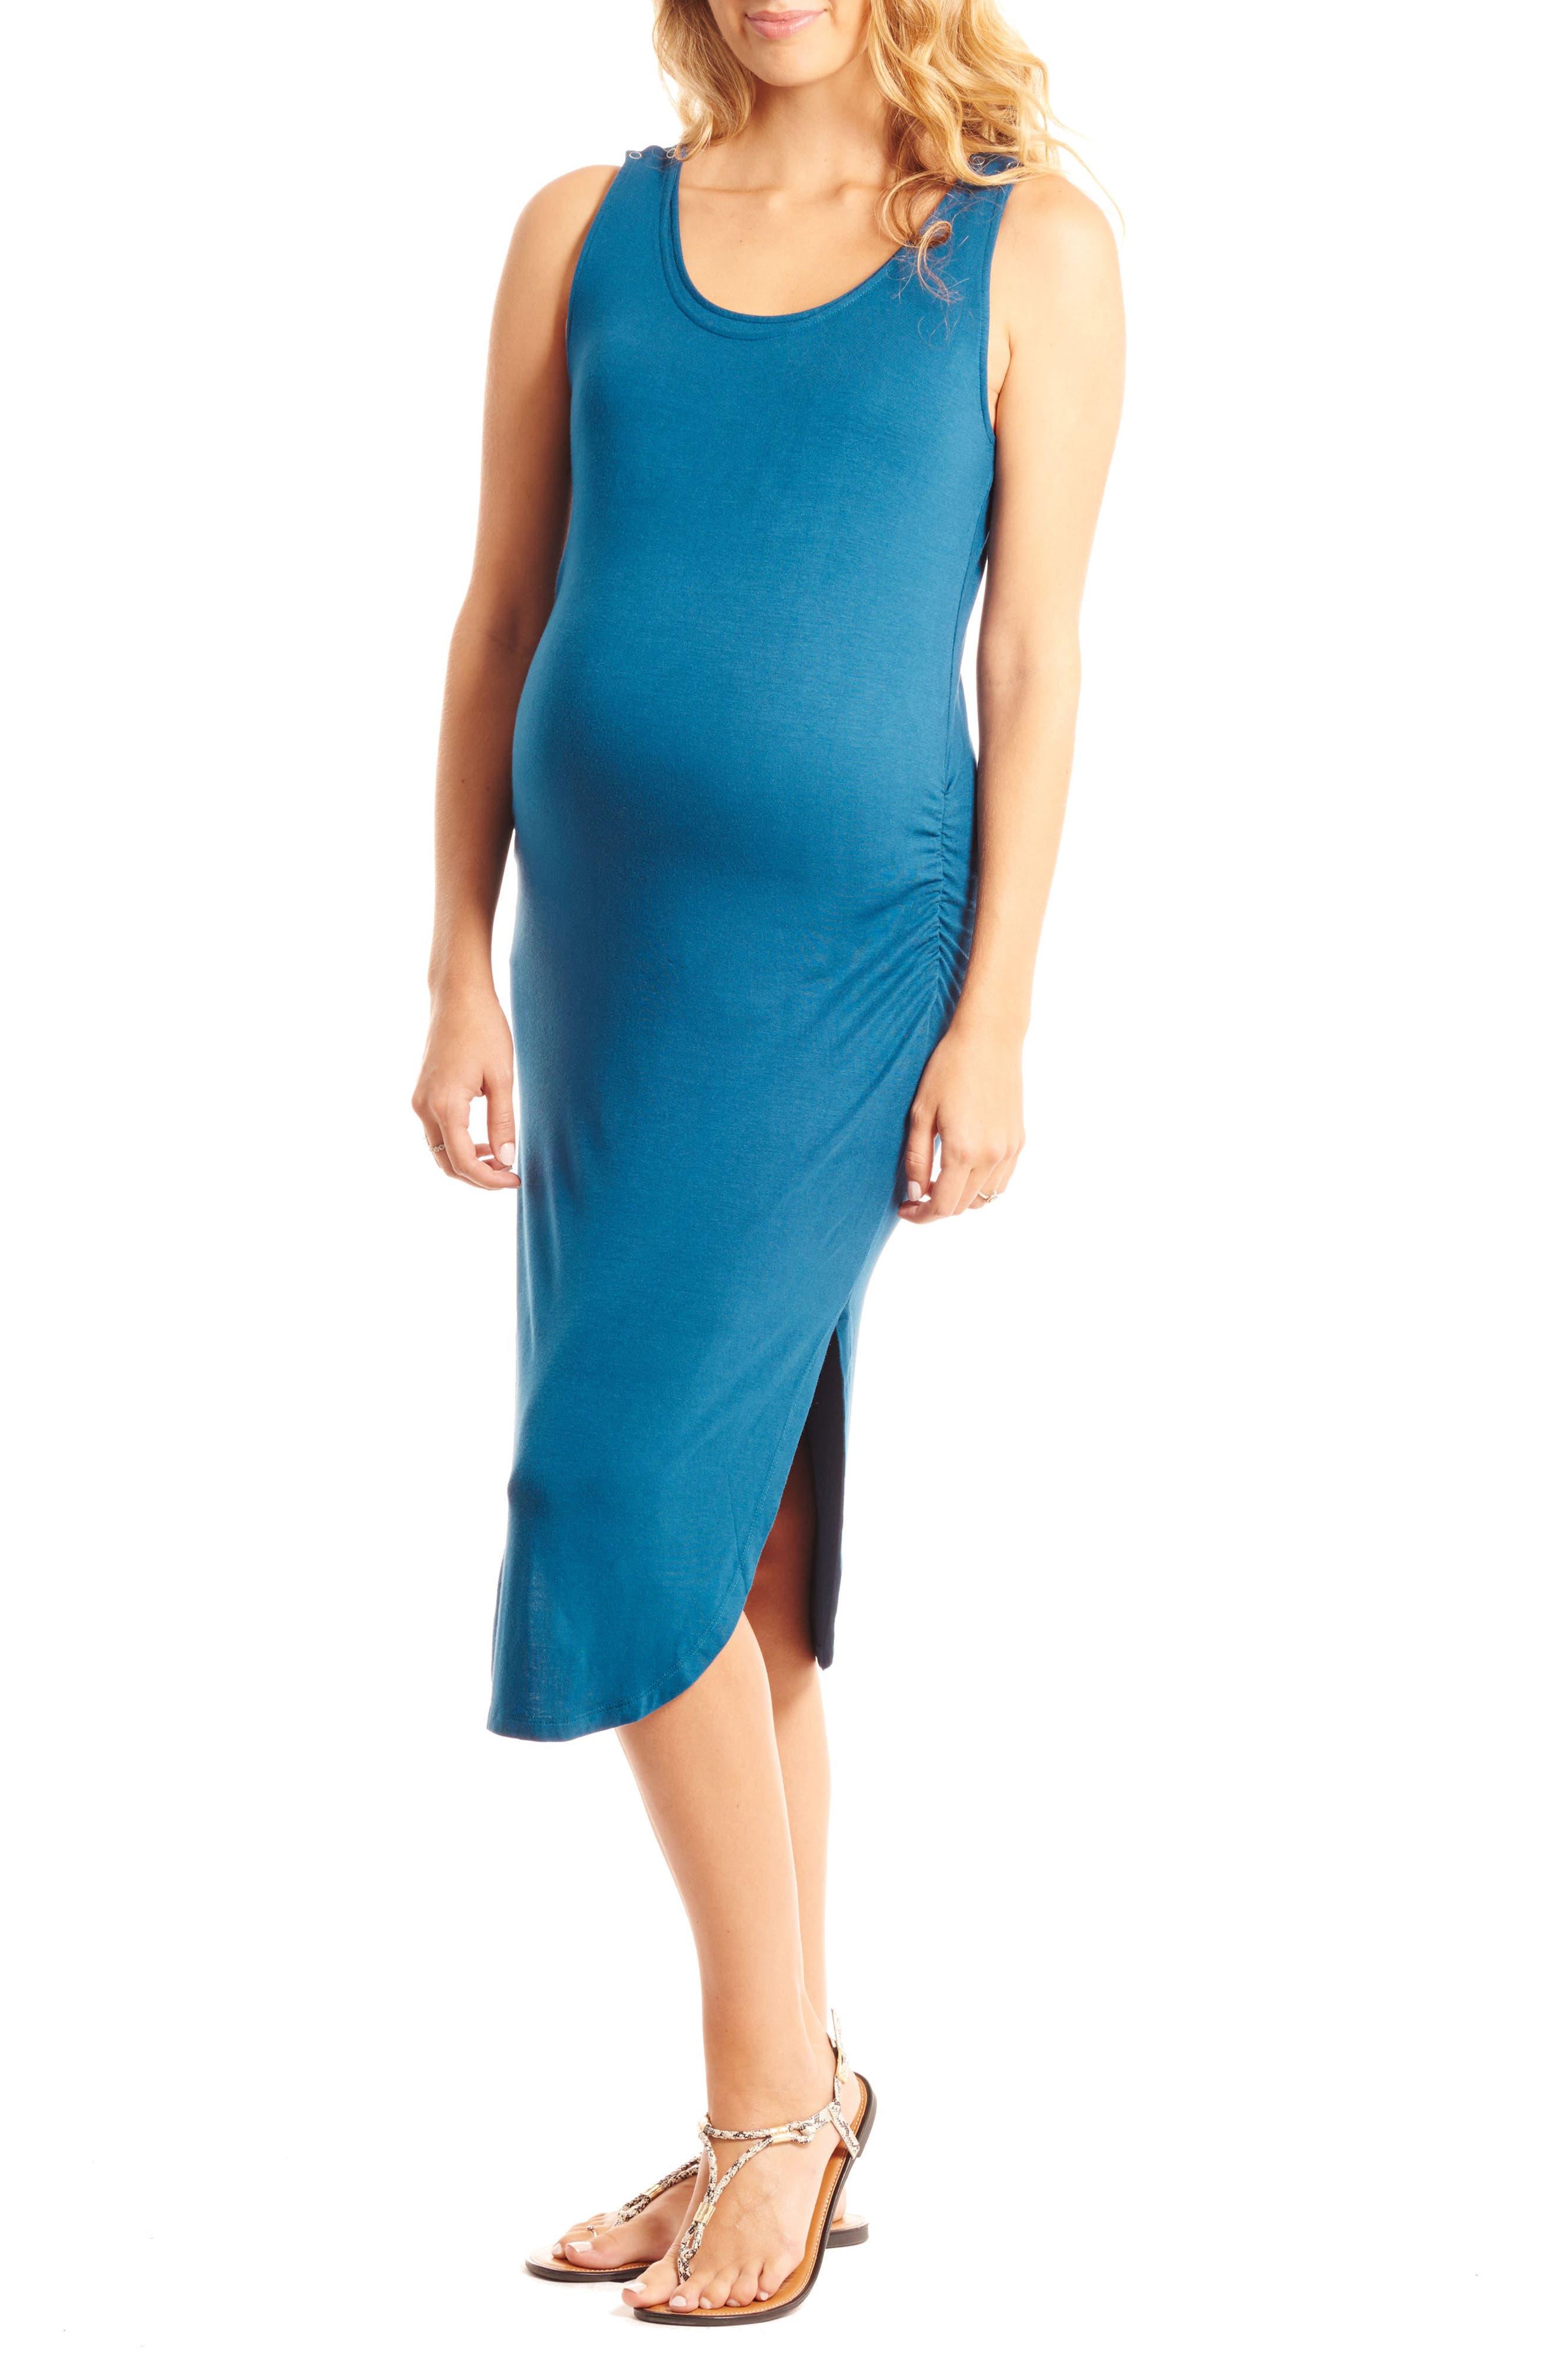 Demi Maternity/Nursing Dress,                             Main thumbnail 1, color,                             442